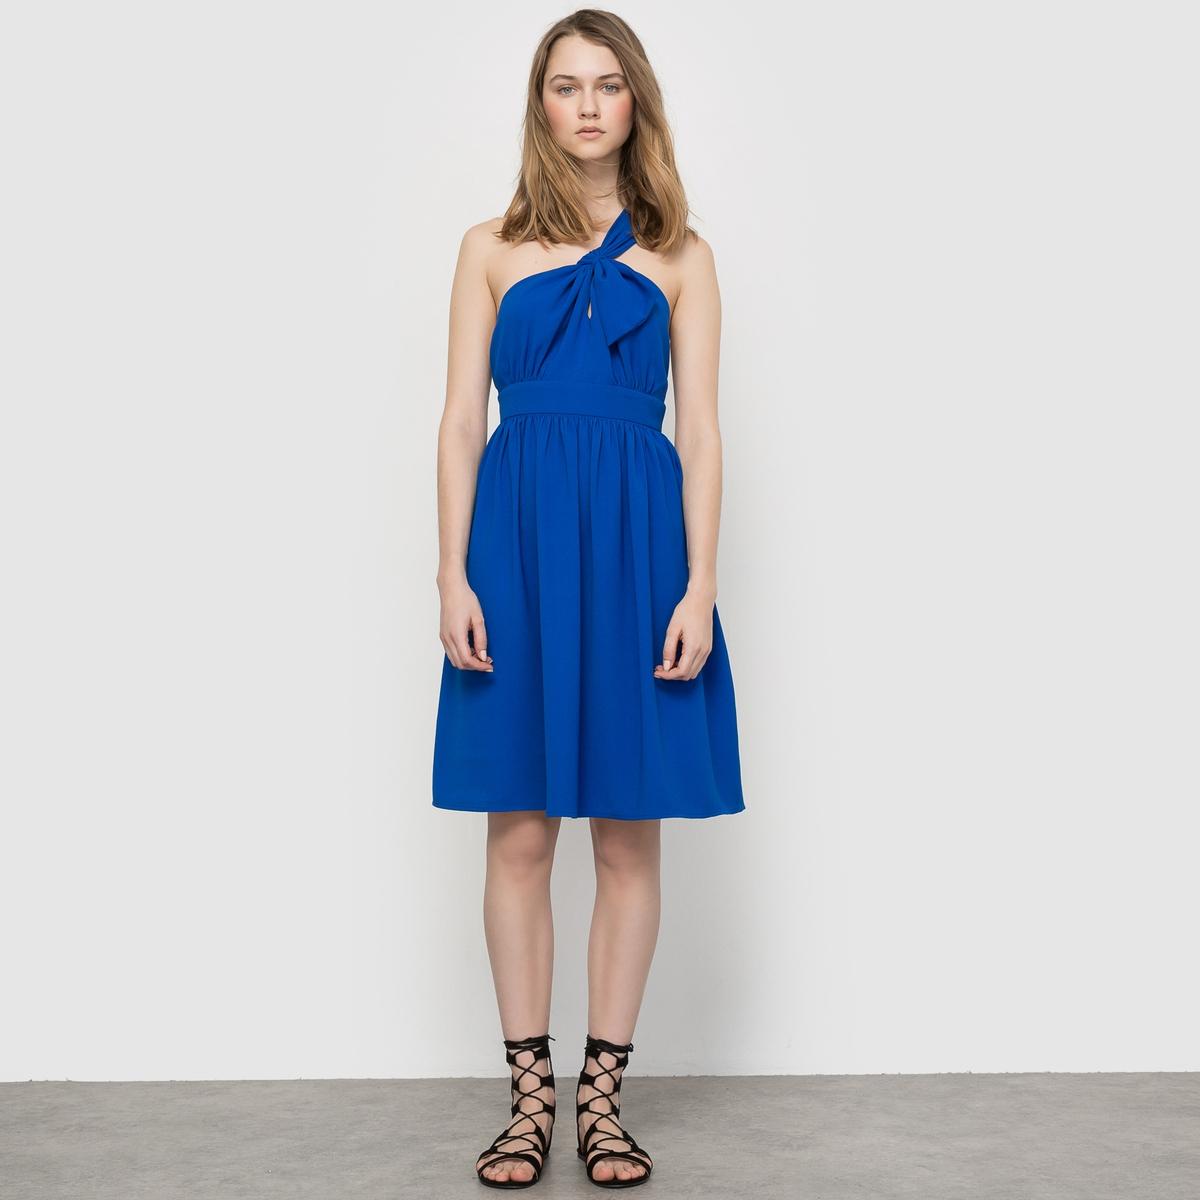 ПлатьеПлатье торжественное . Пояс со складкми. Складки под грудью. Застежка на молнию сбоку. Свободные вырез и плечи, бант спереди сбоку. Состав и описание :Материал : 100% полиэстера.Длина : 88 см. Марка : MADEMOISELLE R<br><br>Цвет: синий